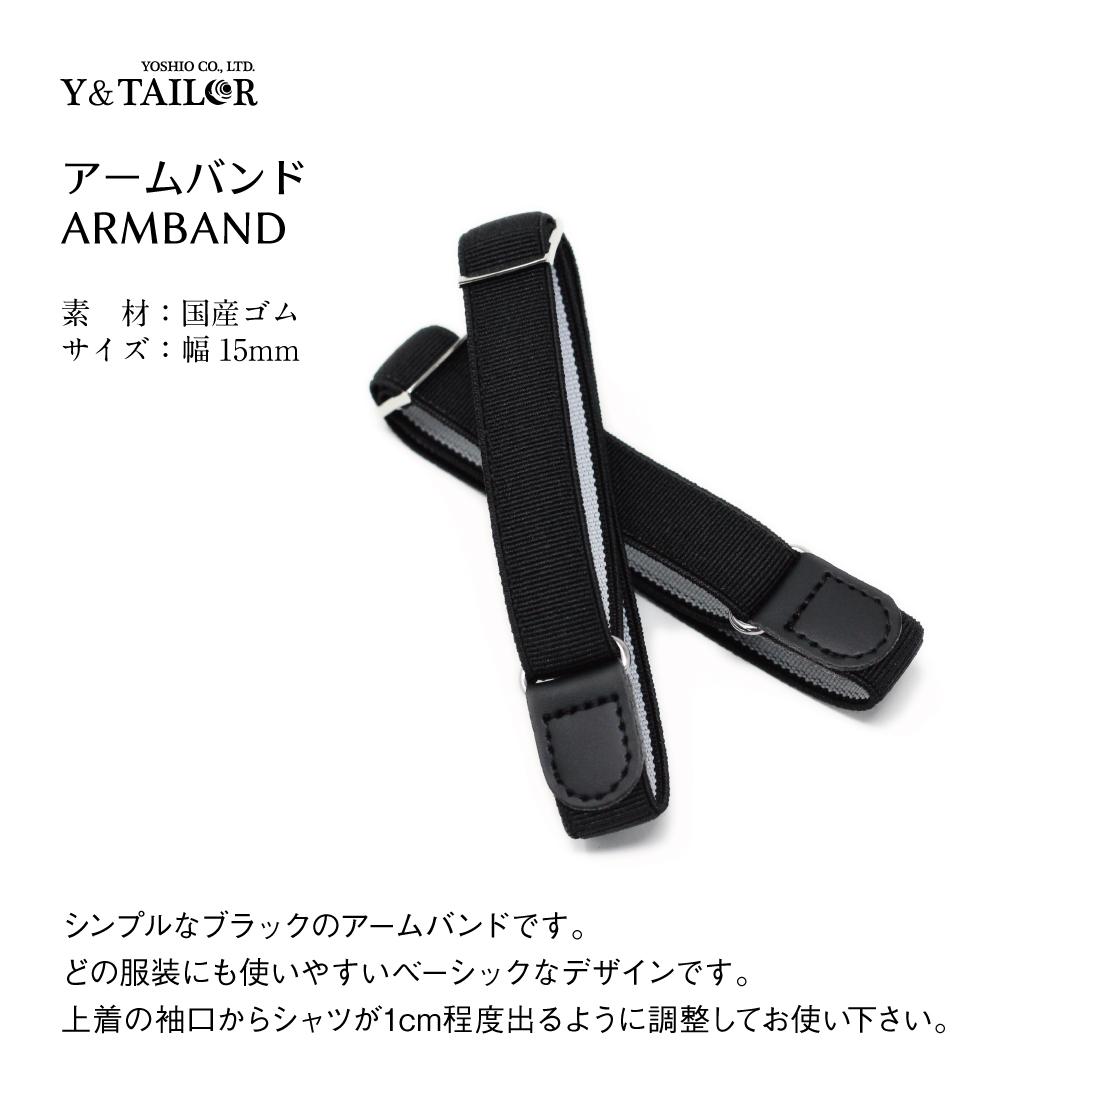 フォーマルセット サスペンダー カフス アームバンド ハイグレード 3点 セット【J-EX】